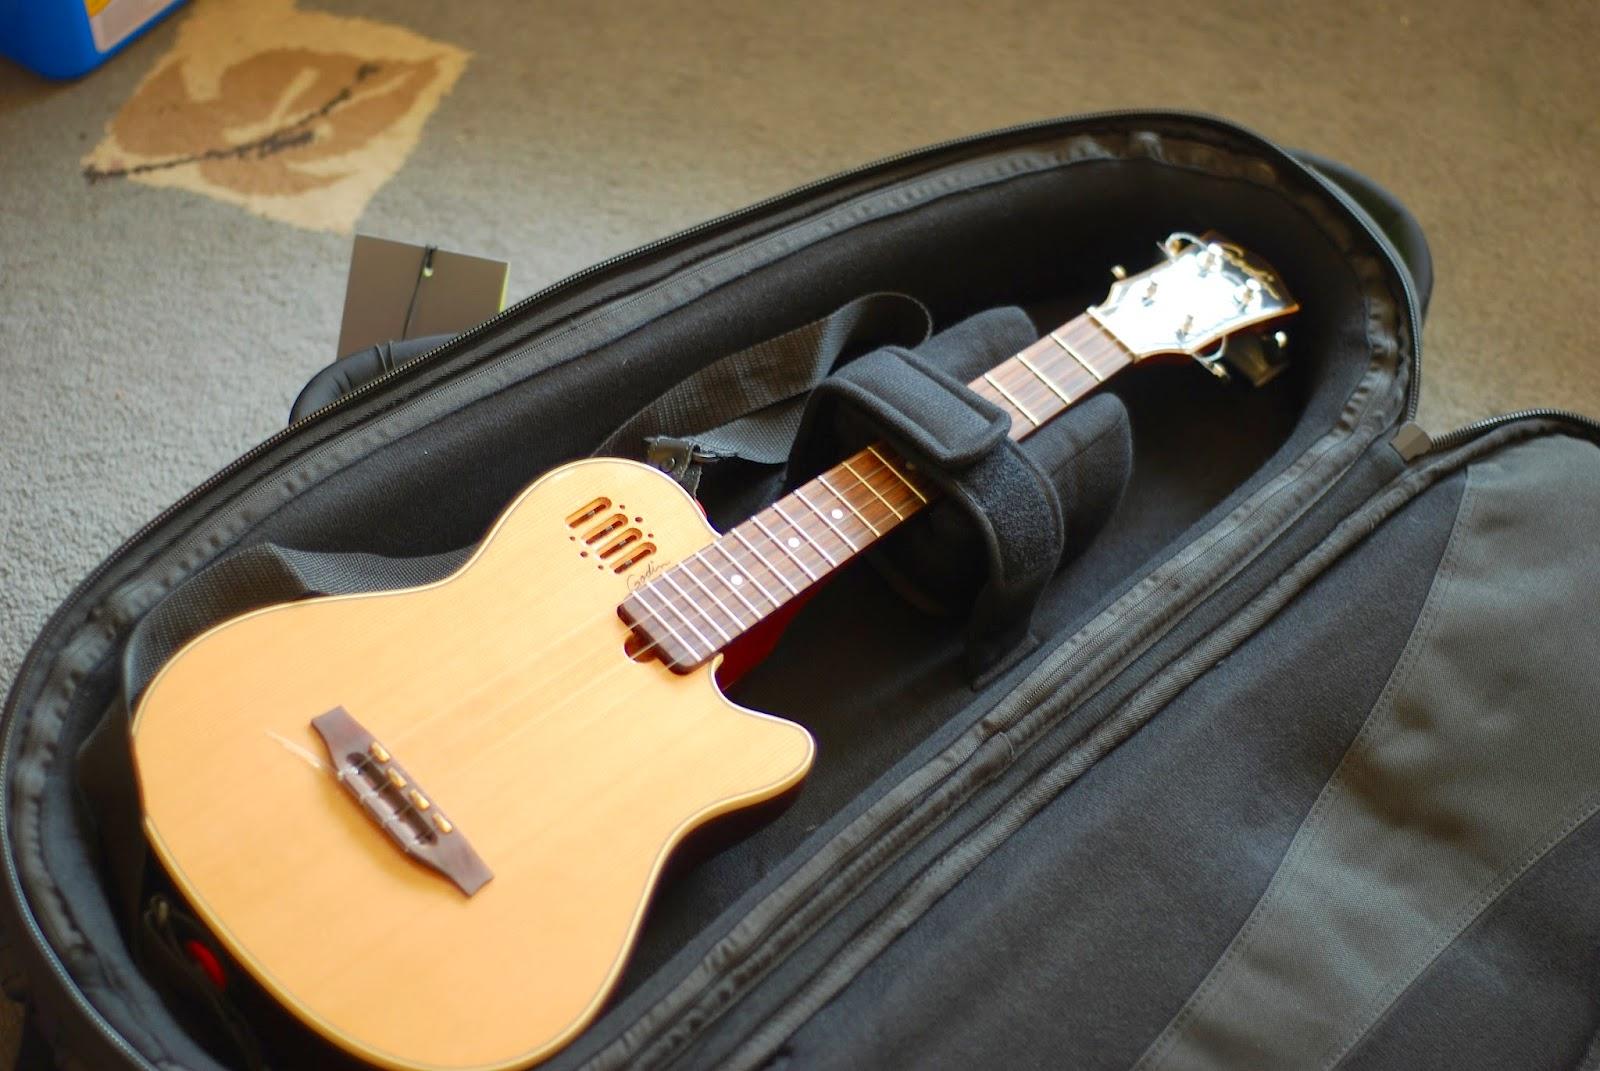 Fusion Premium Ukulele Gig Bag with uke